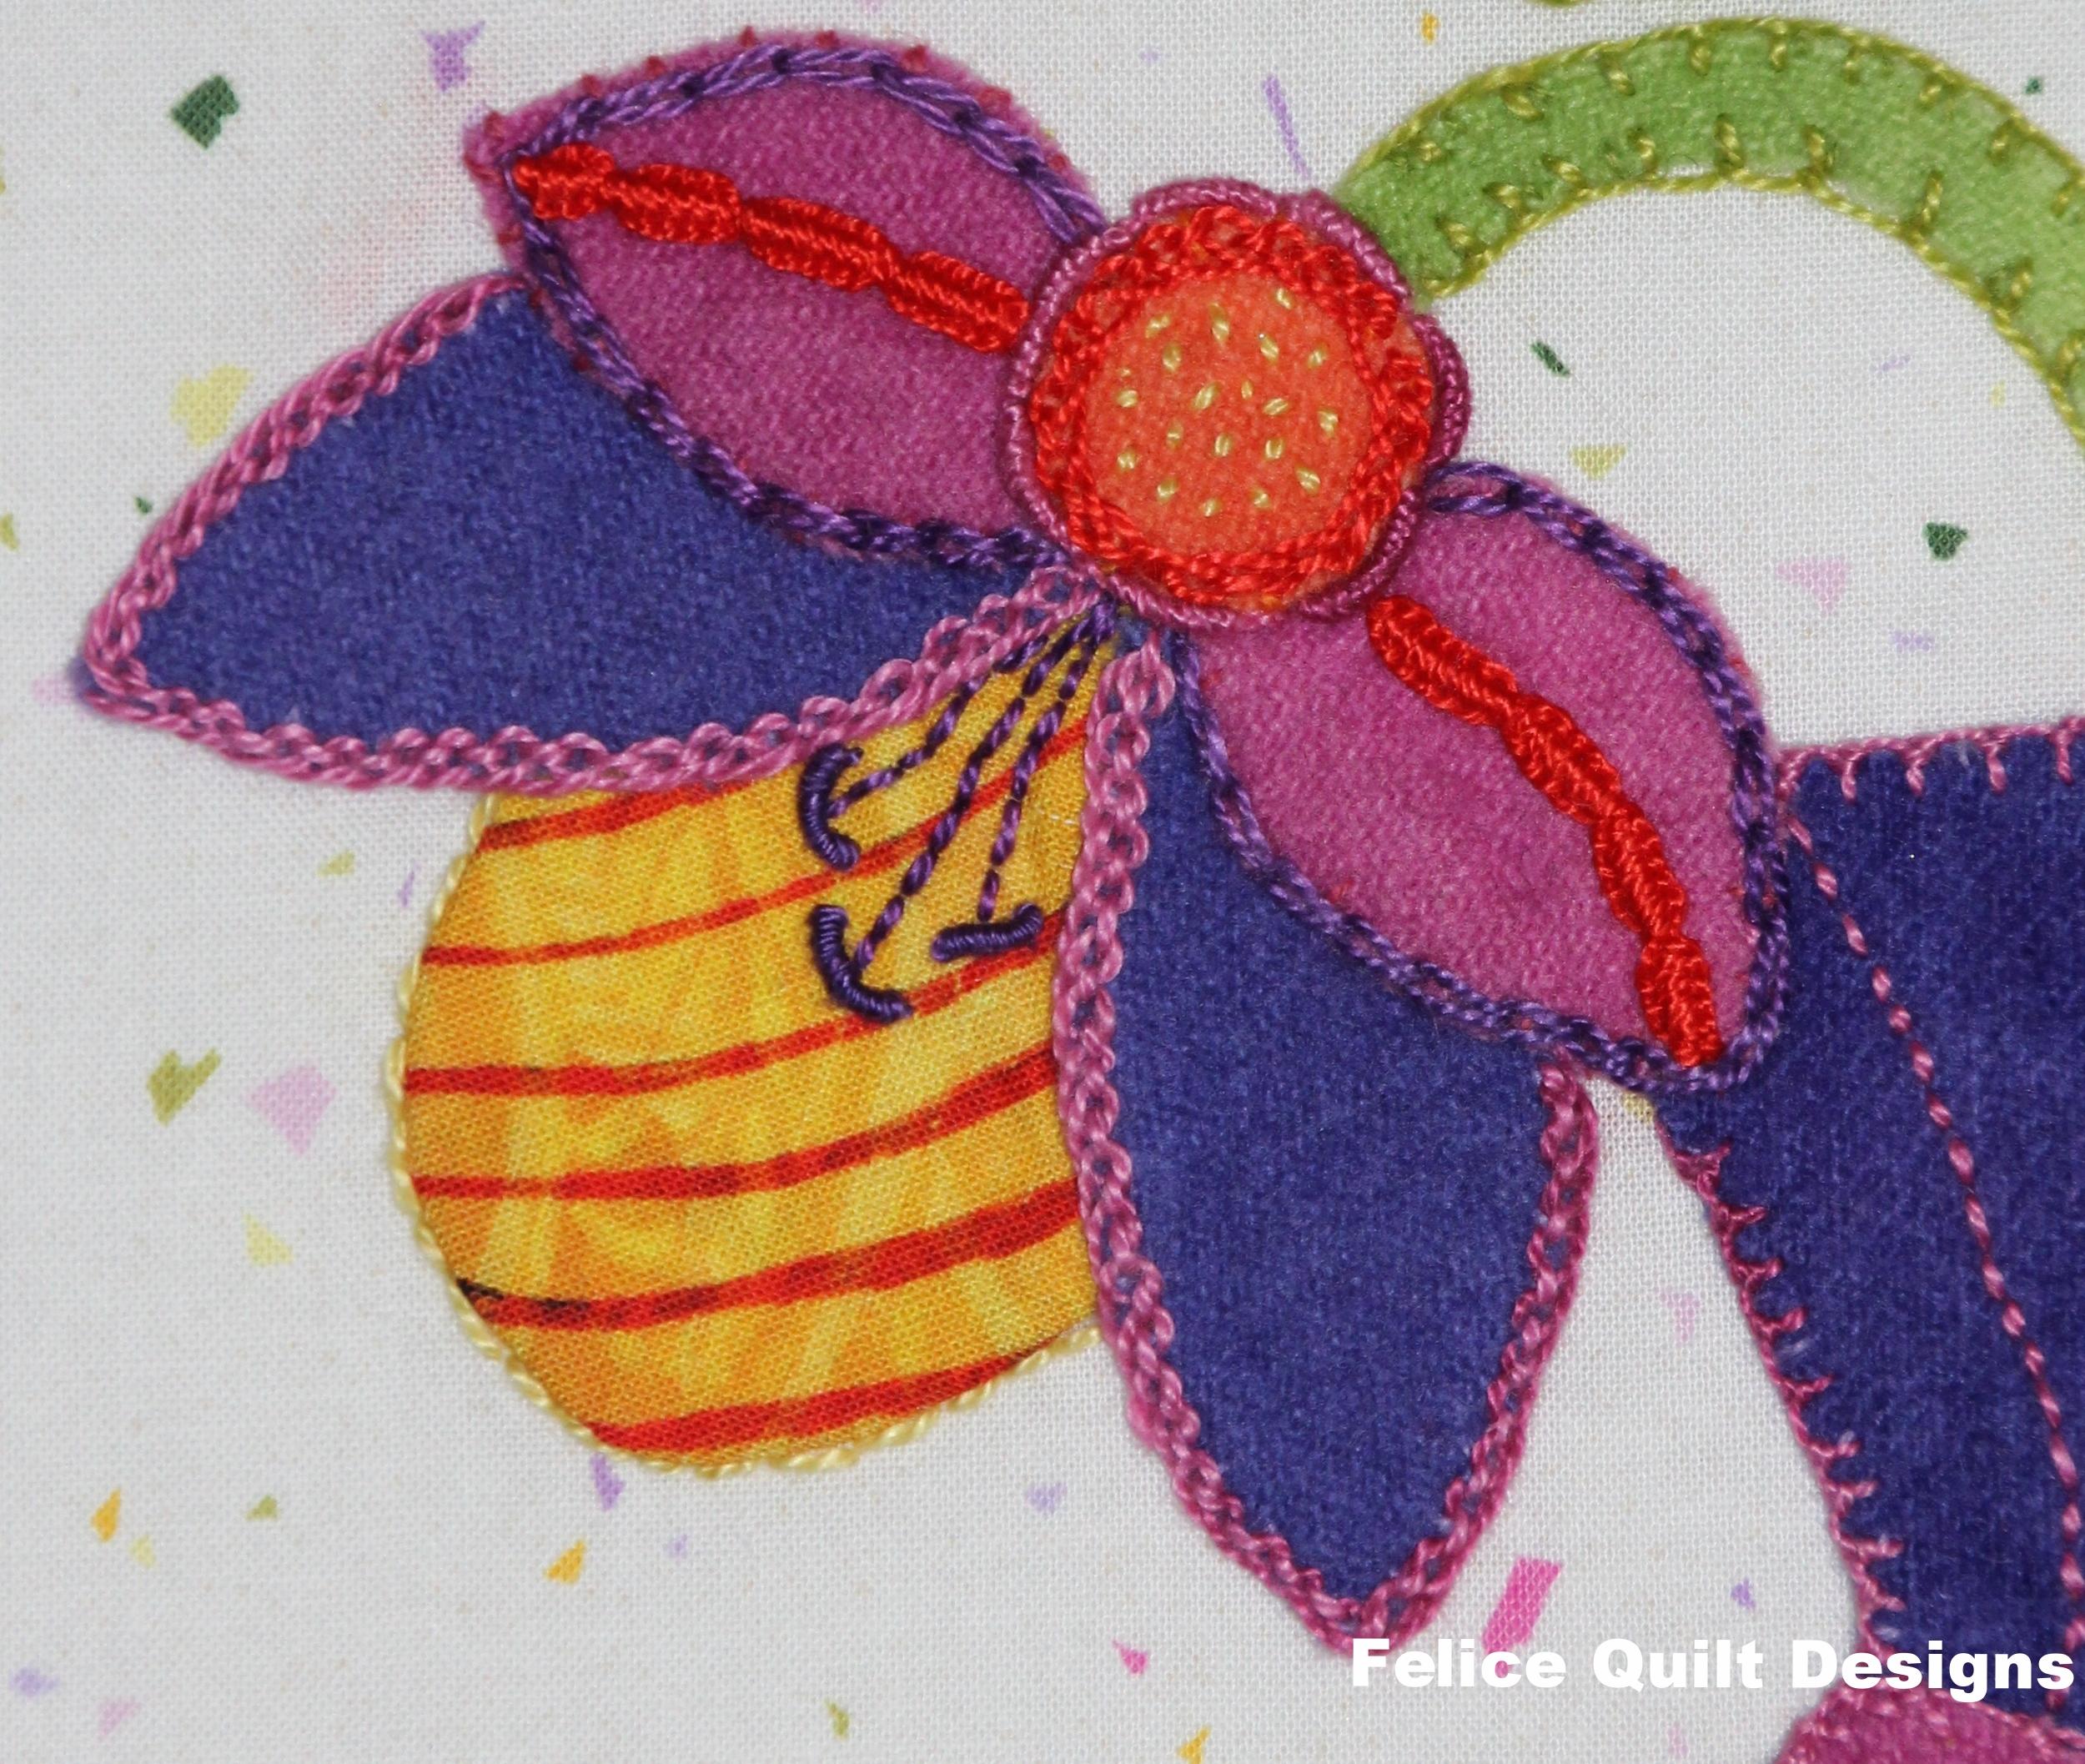 Vase of Beauties detail- Felice Quilt Designs